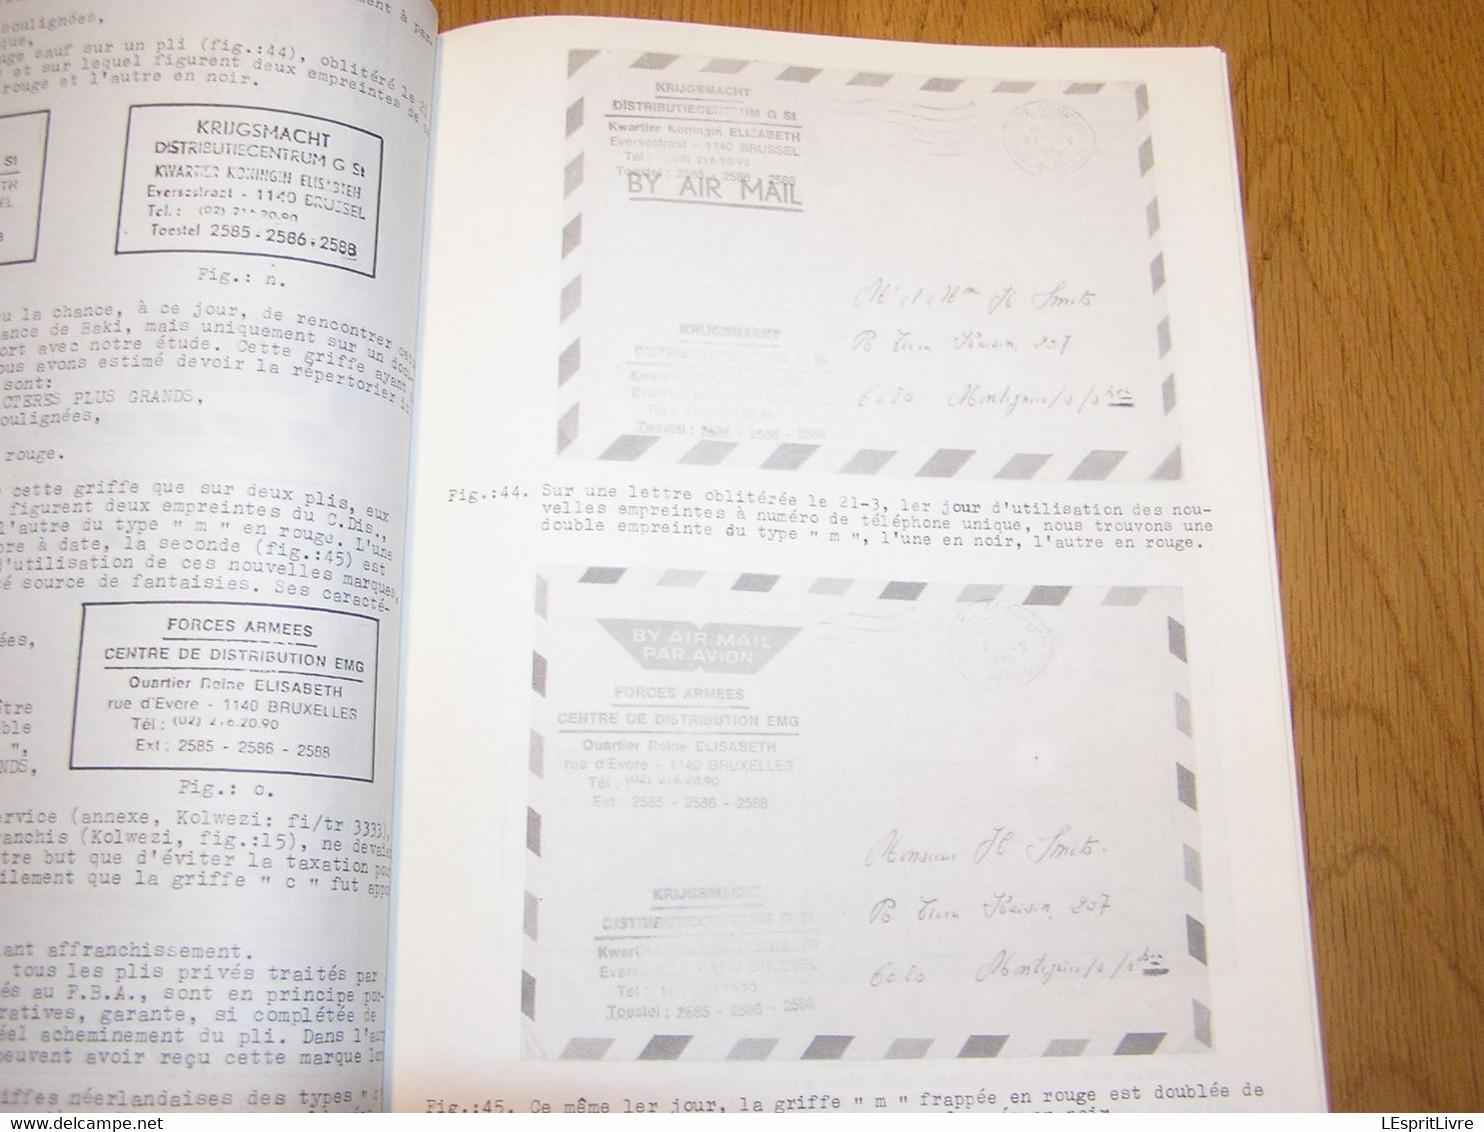 LA CORRESPONDANCE DES MILITAIRES BELGES Afrique 1979 Marcophilie Philatélie Cachets Aérophilatélie Aéropostale C-130 - Other Books